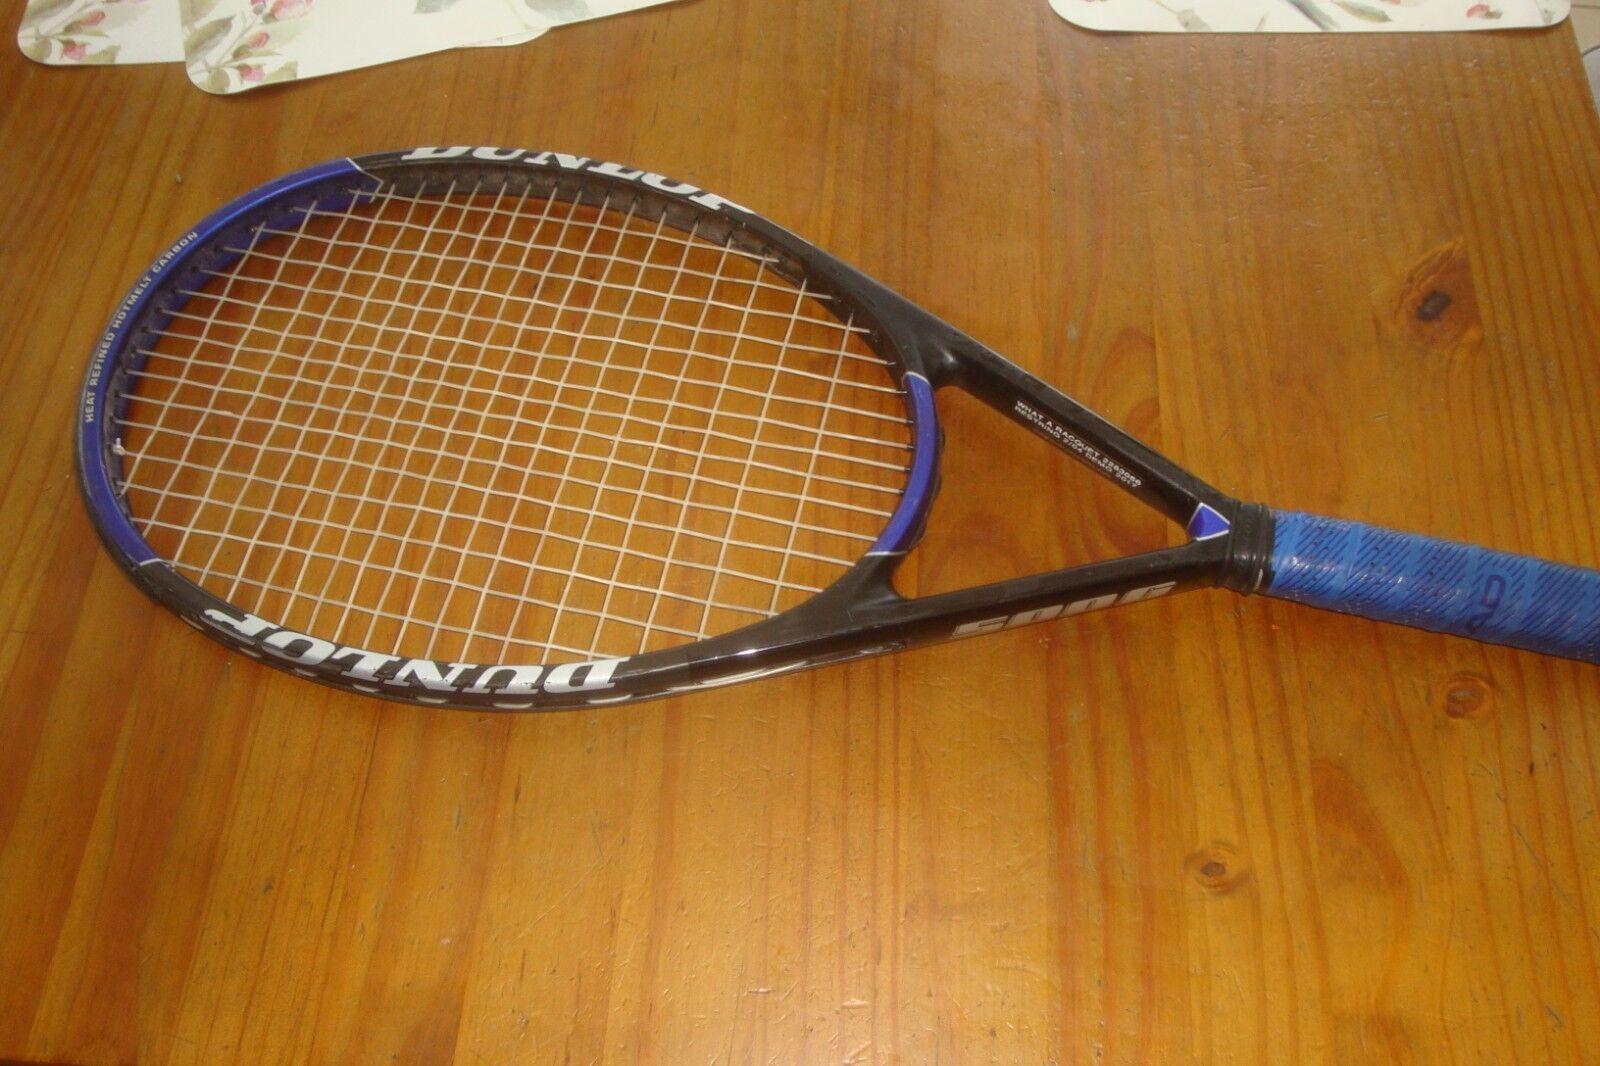 Dunlop 500G Hotmelt 102 sq in 500G Tennis Racquet 4 3 8 Grip